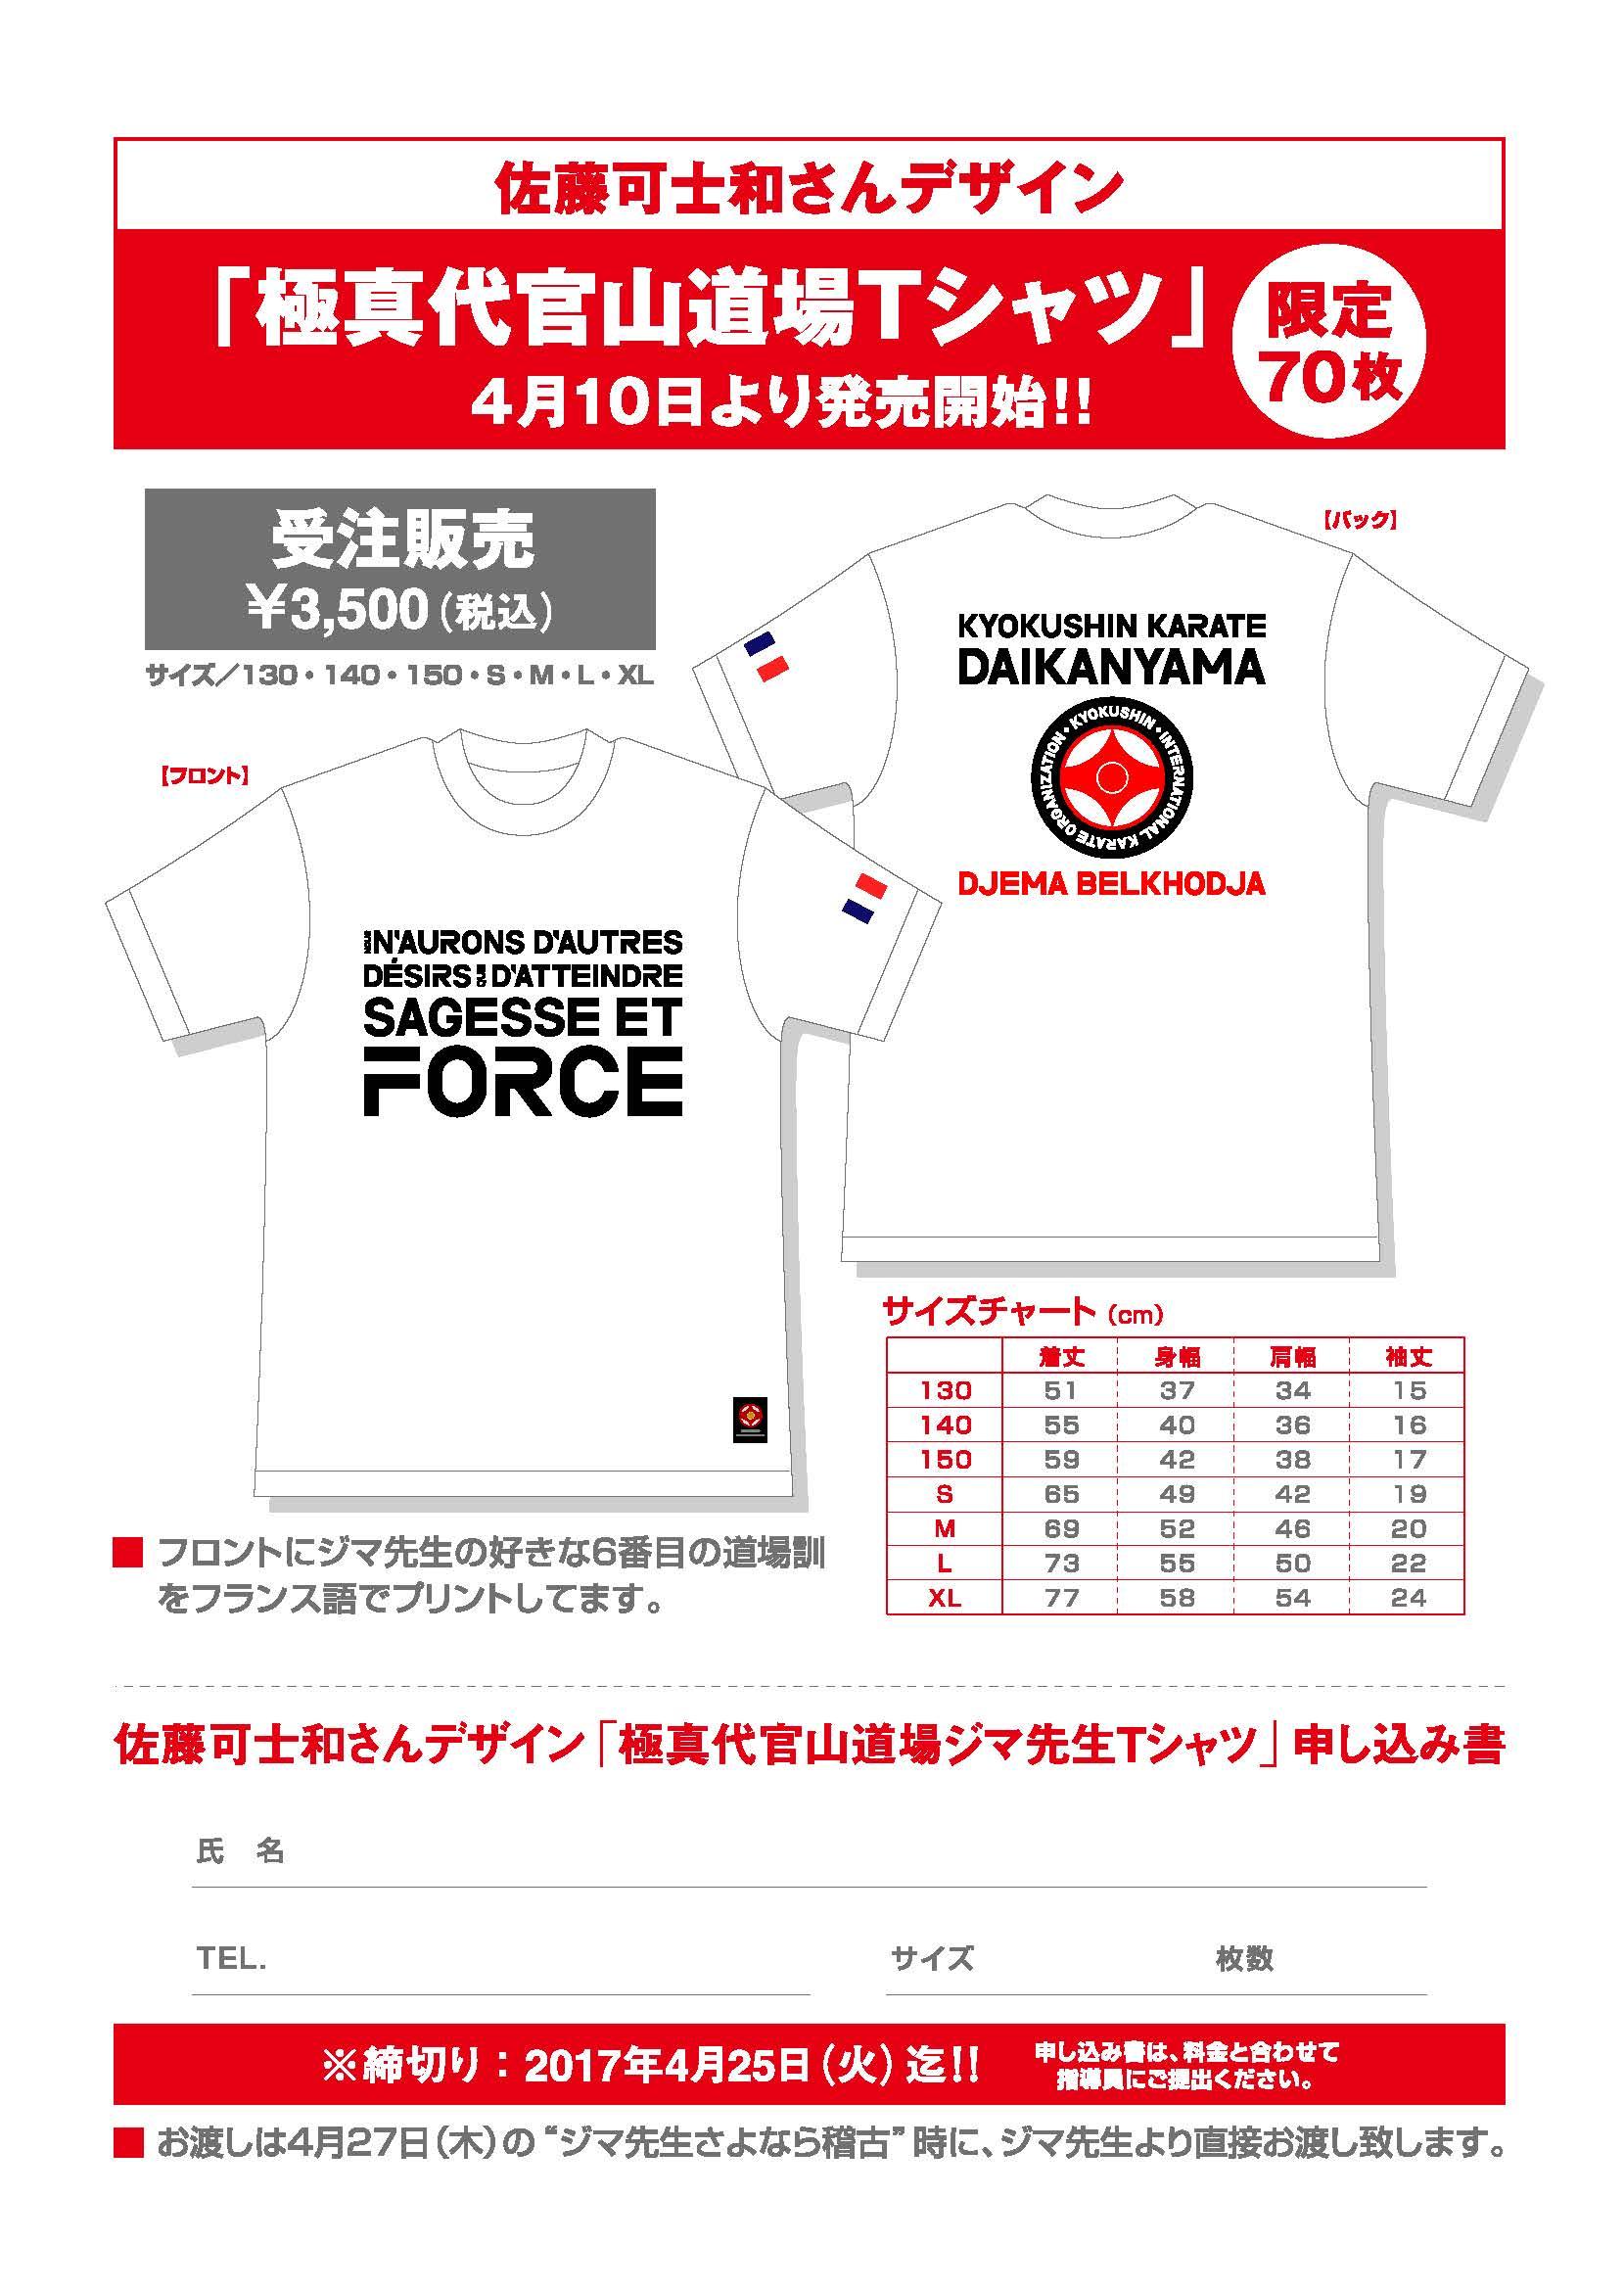 代官山Tシャツ申し込み用紙55